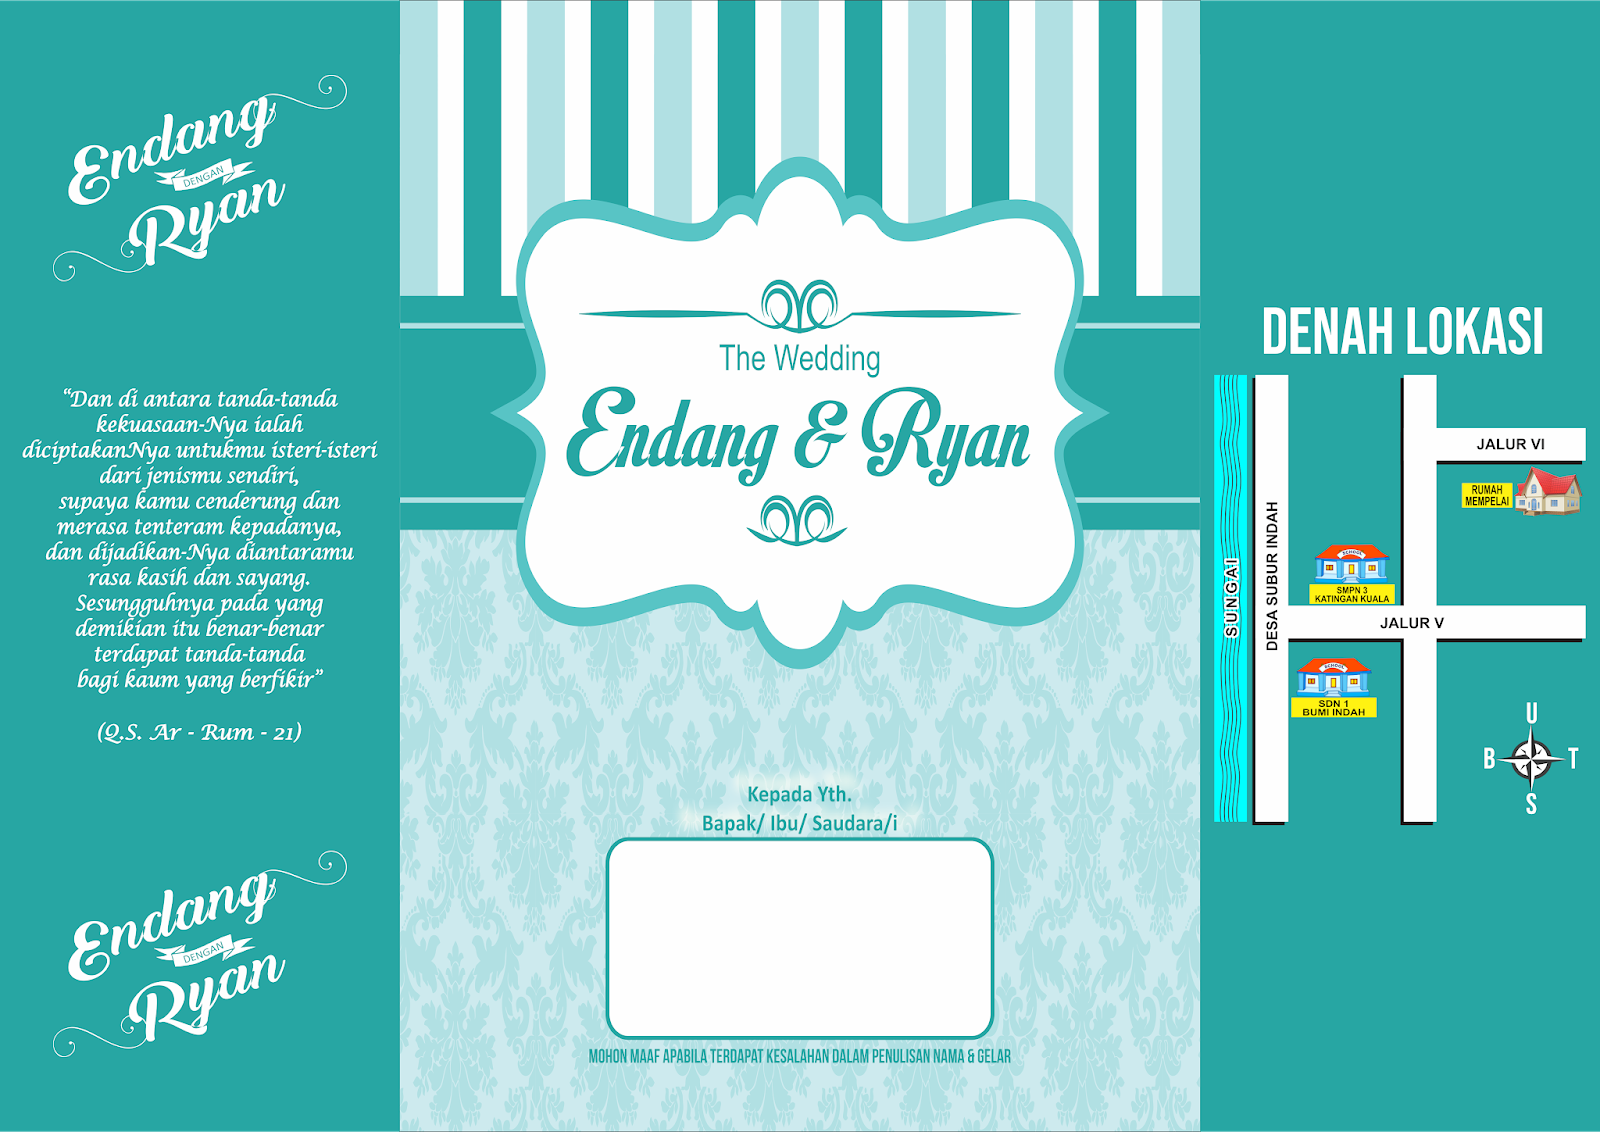 Download Desain Undangan Pernikahan Cdr - Gio Lesmana